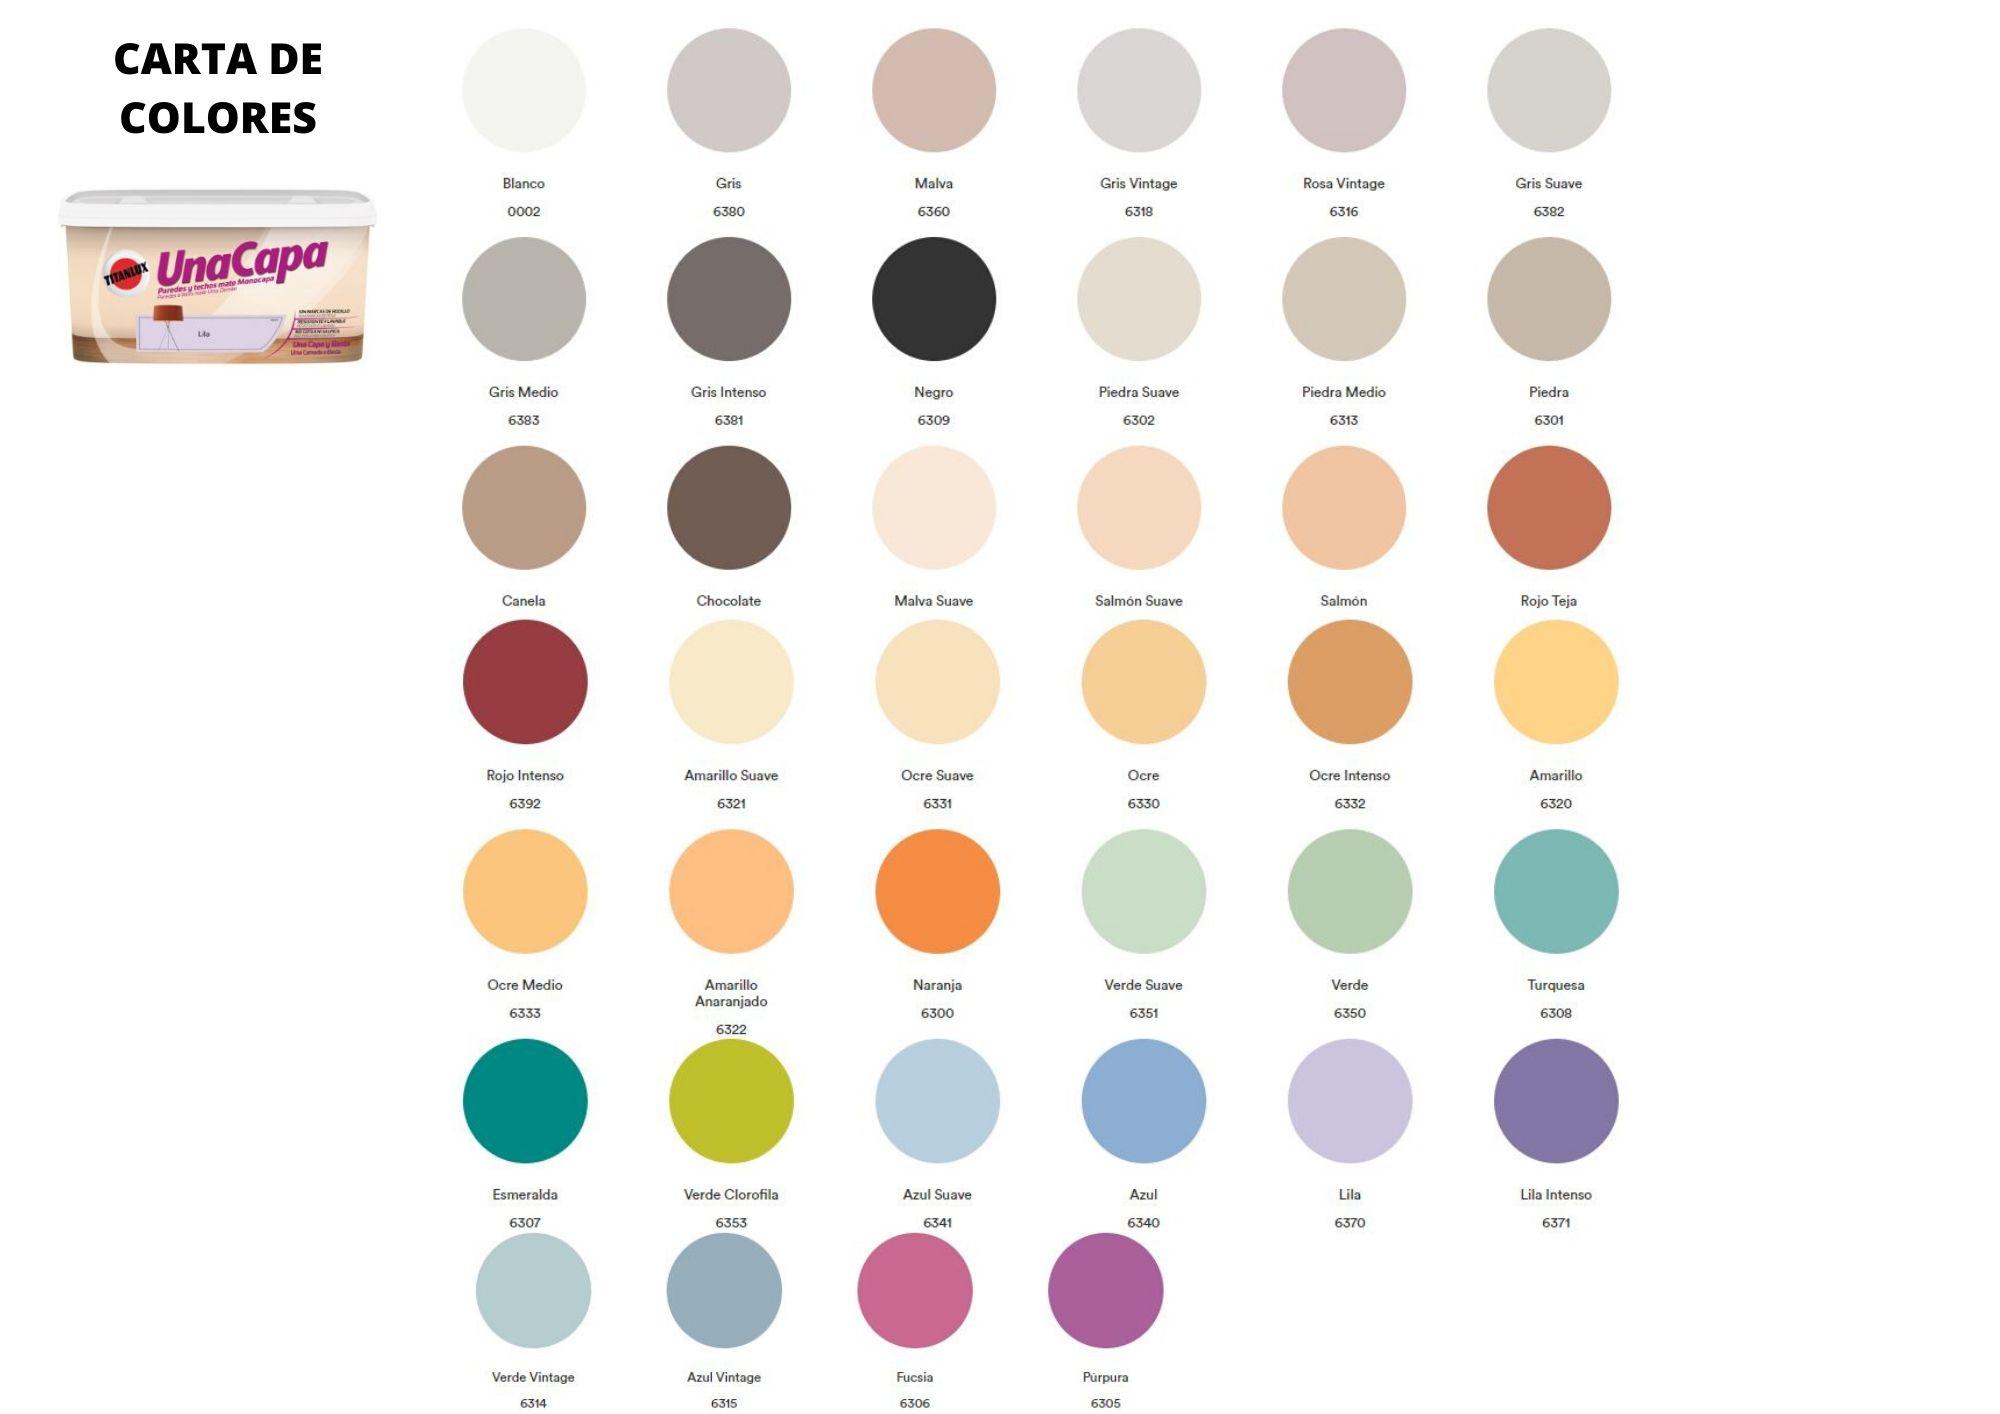 carta de colores Titan una capaedido